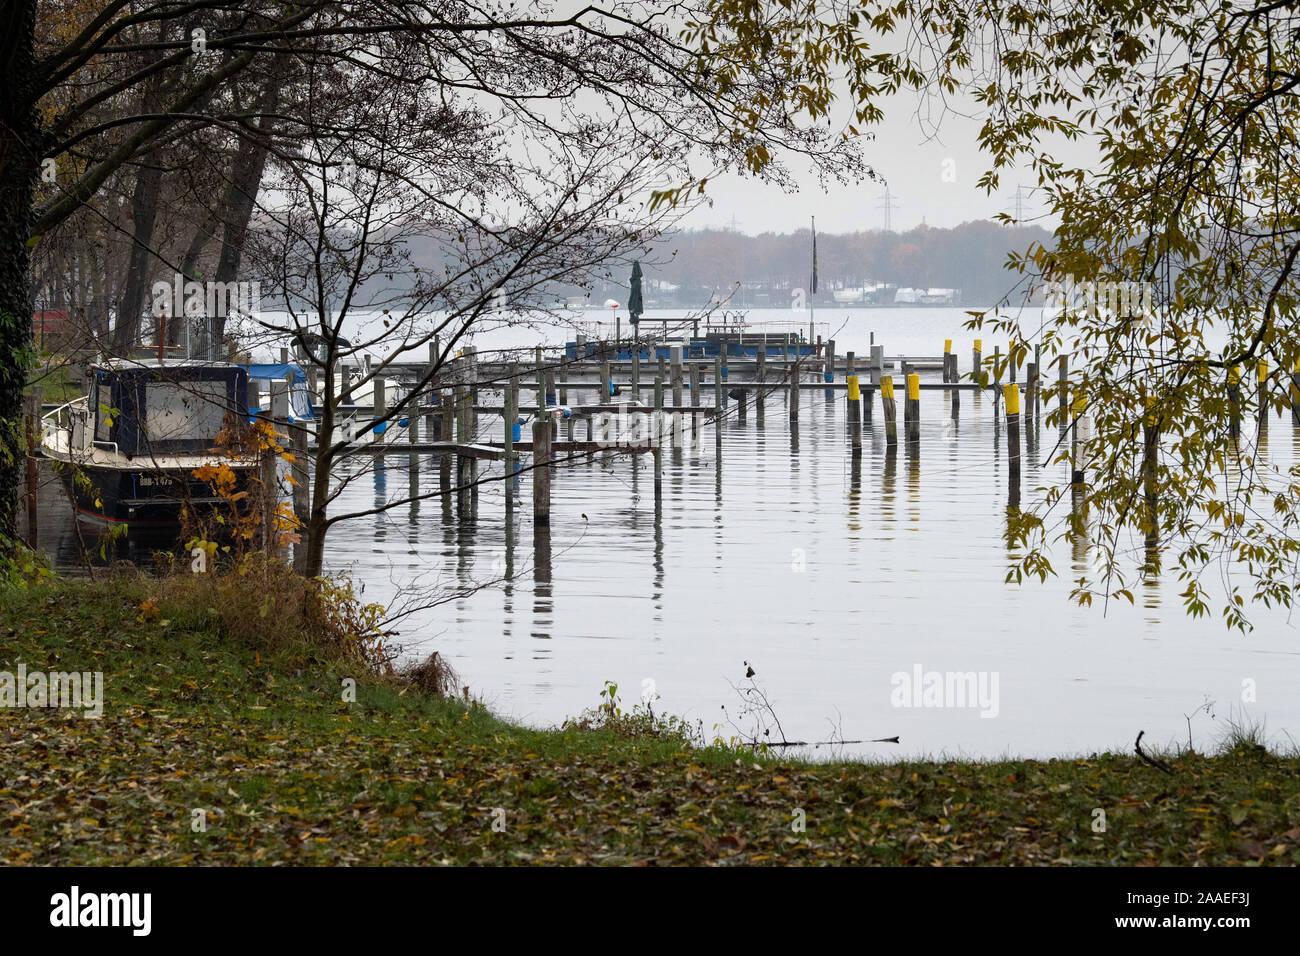 Potsdam, Germania. Xviii Nov, 2019. Un singolo battello si trova sulla riva del lago di Templin, accanto ai pontili vuota. Credito: Soeren Stache/dpa-Zentralbild/ZB/dpa/Alamy Live News Foto Stock